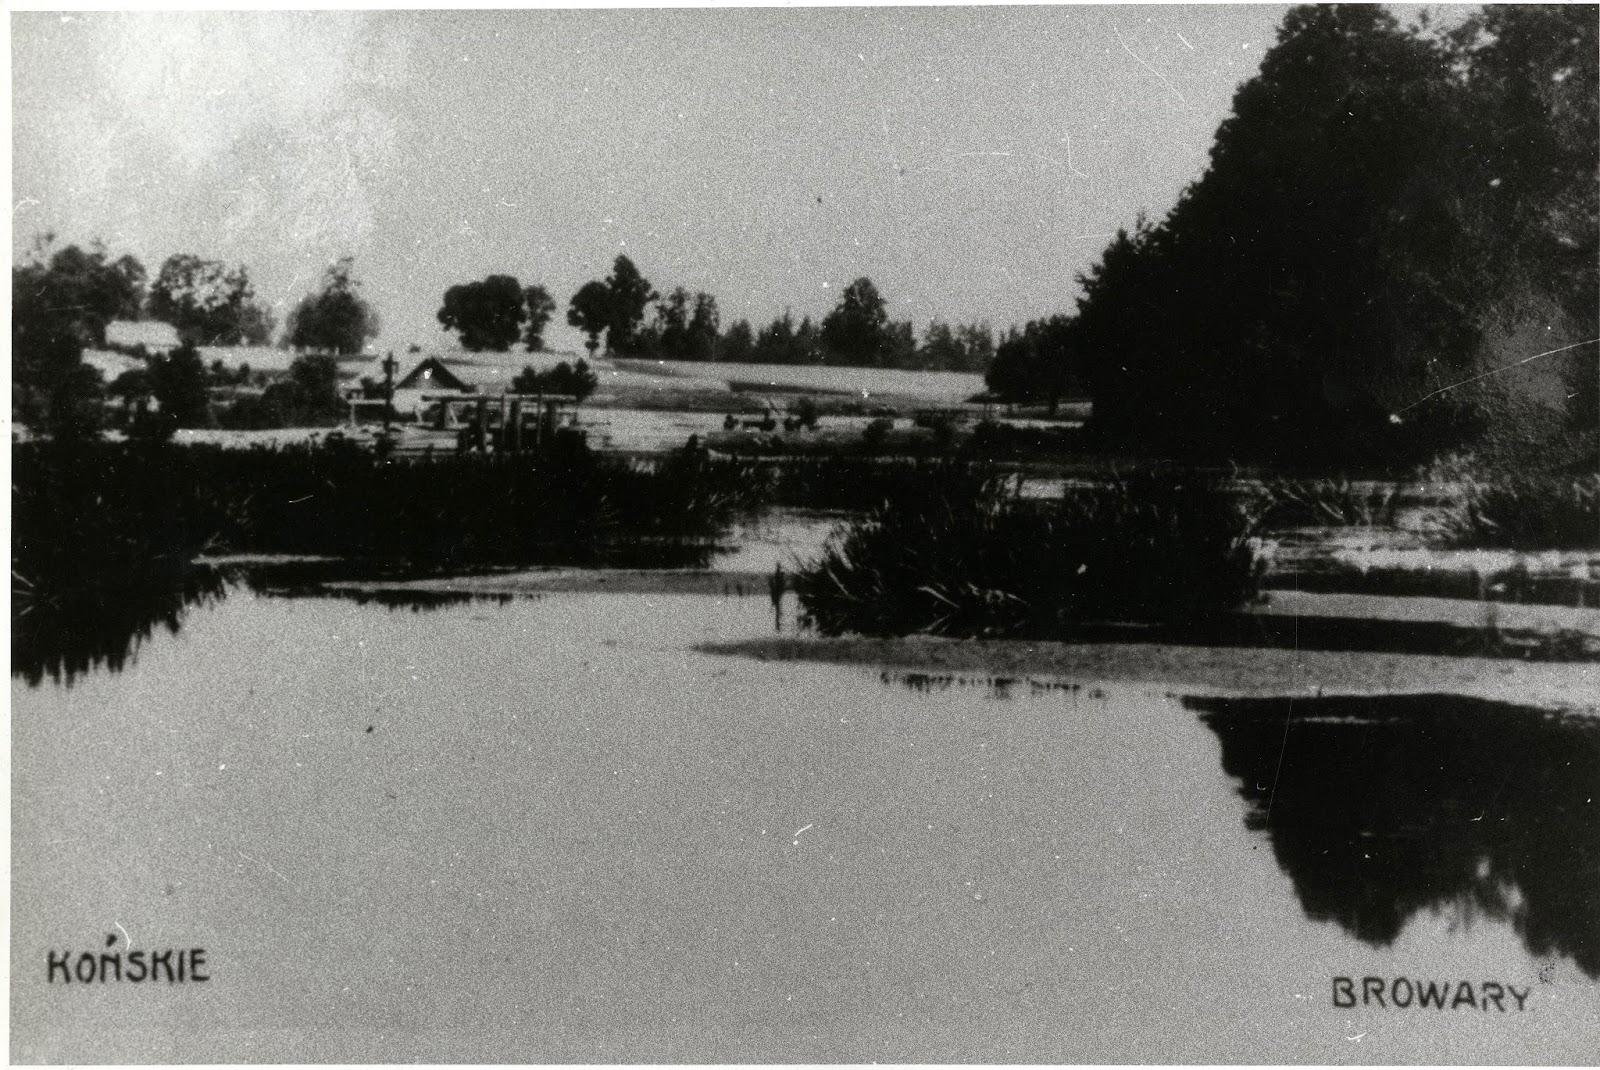 Browary, staw. po lewej stronie widoczny mostek i zabudowania młyna. Pocztówka, foto. Antoni Borowiec, kopia w zbiorach Ryszarda Cichońskiego.